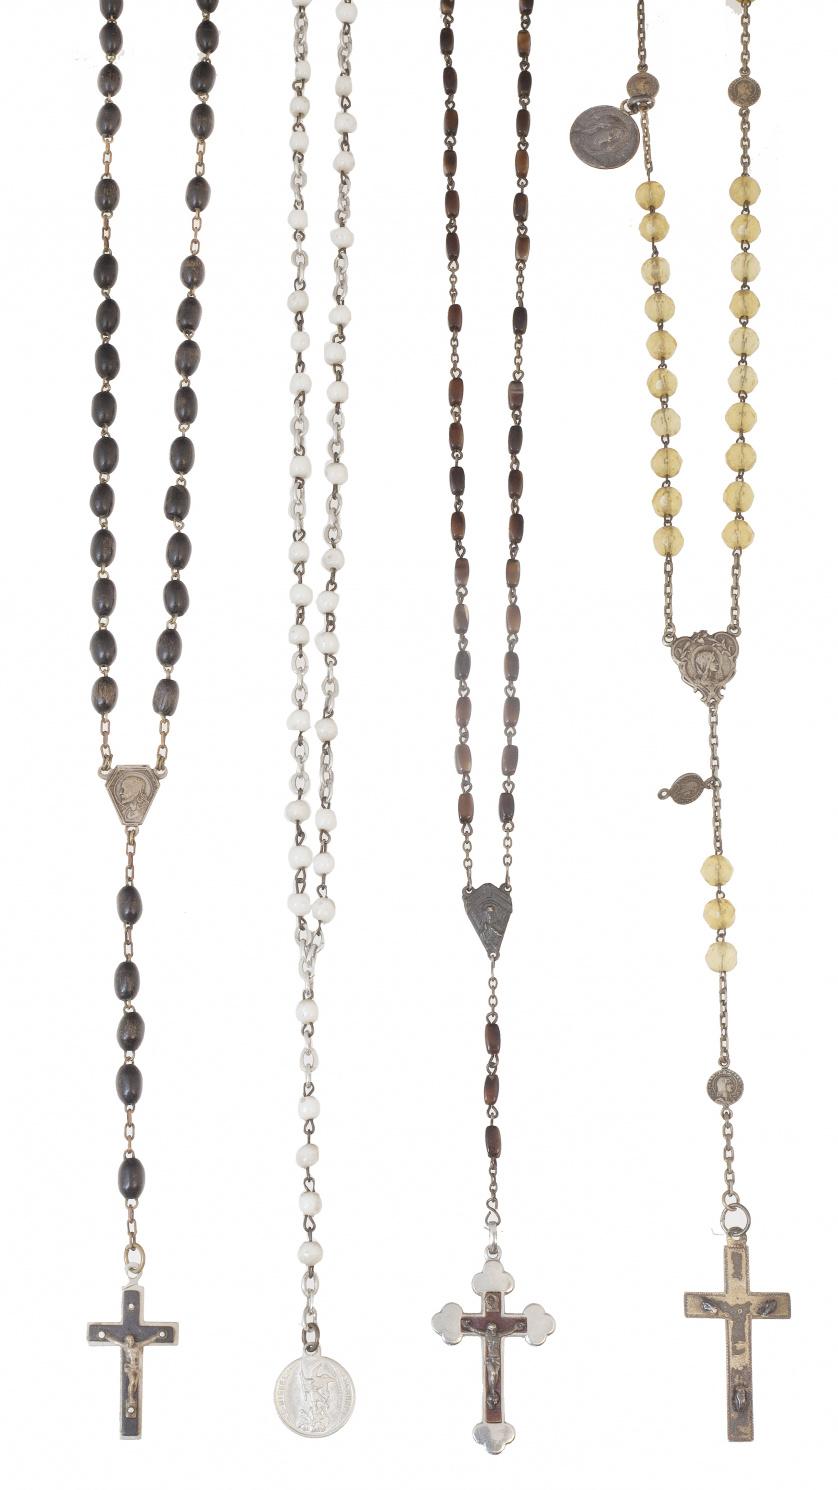 Lote de cuatro rosarios con cuentas de diferentes materiale